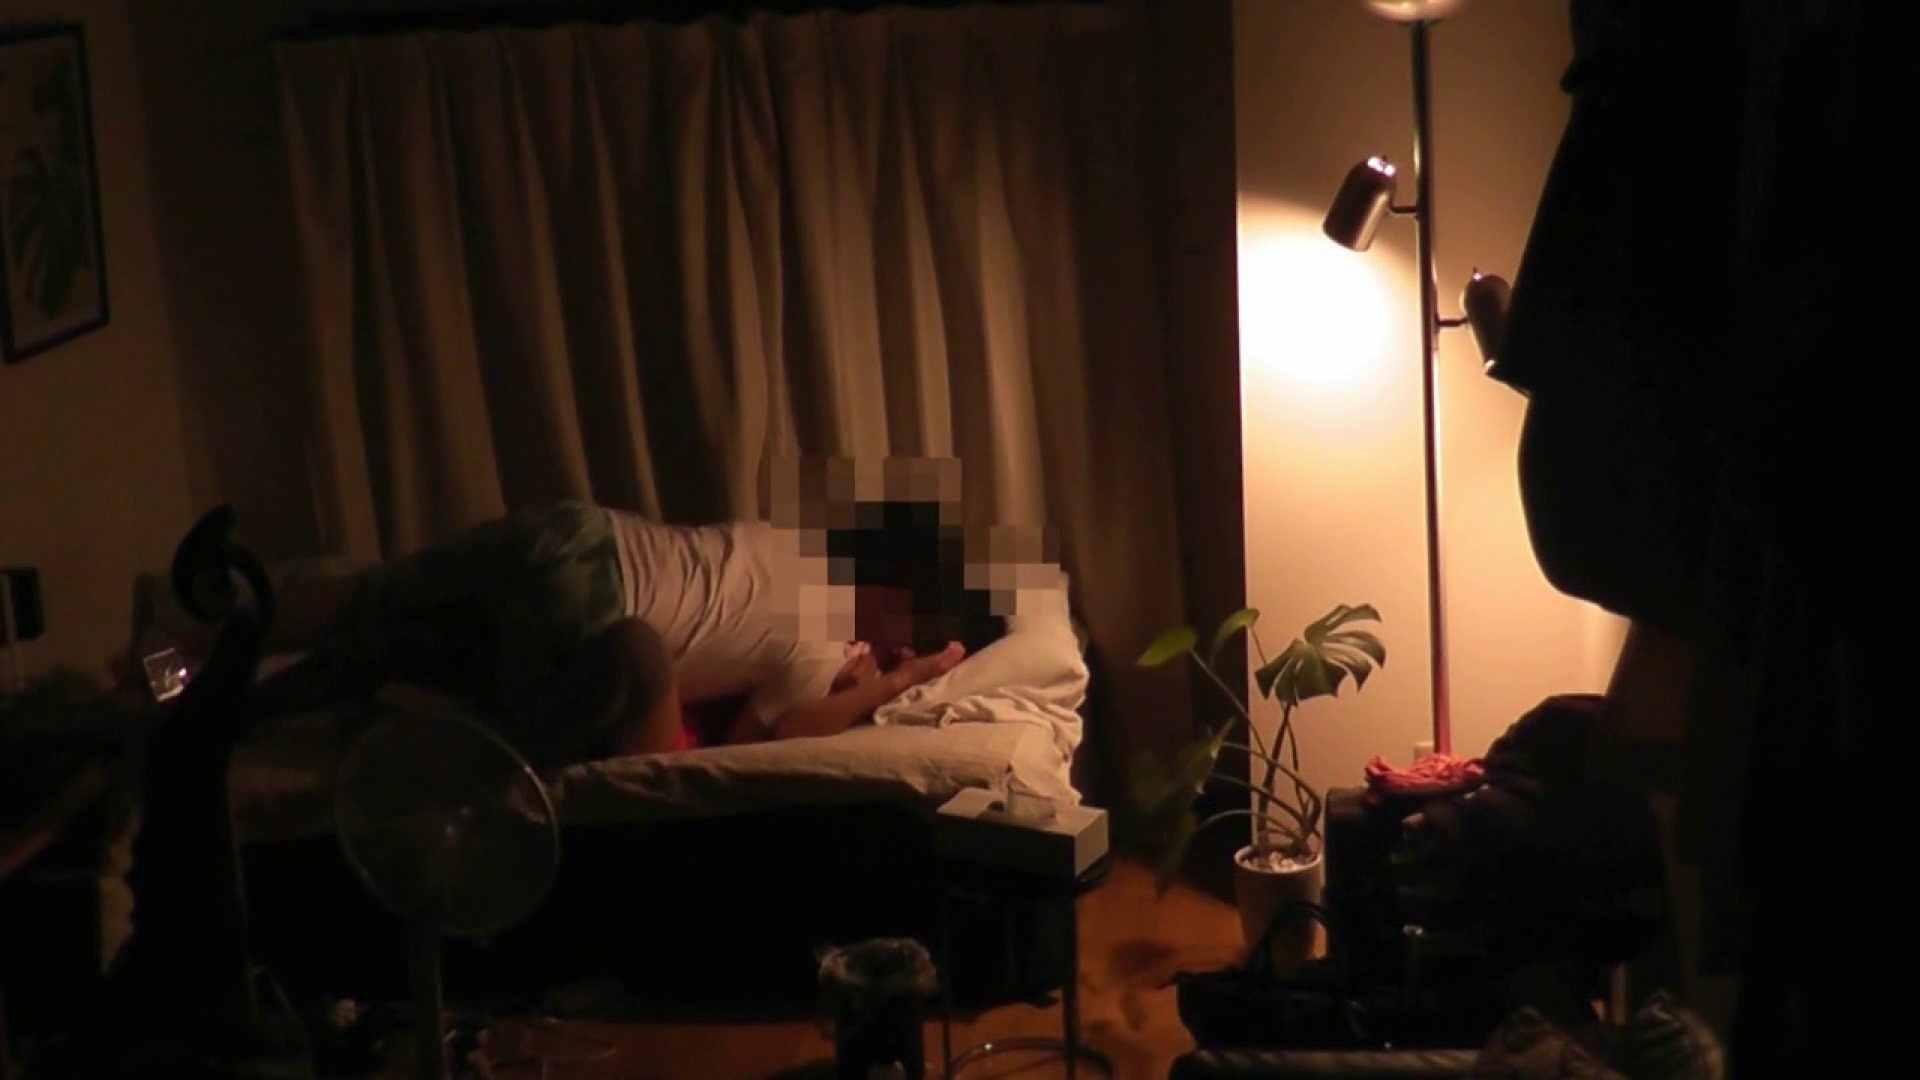 美女だらけのプライベートSEXvol.1 美女丸裸 オメコ動画キャプチャ 90pic 6